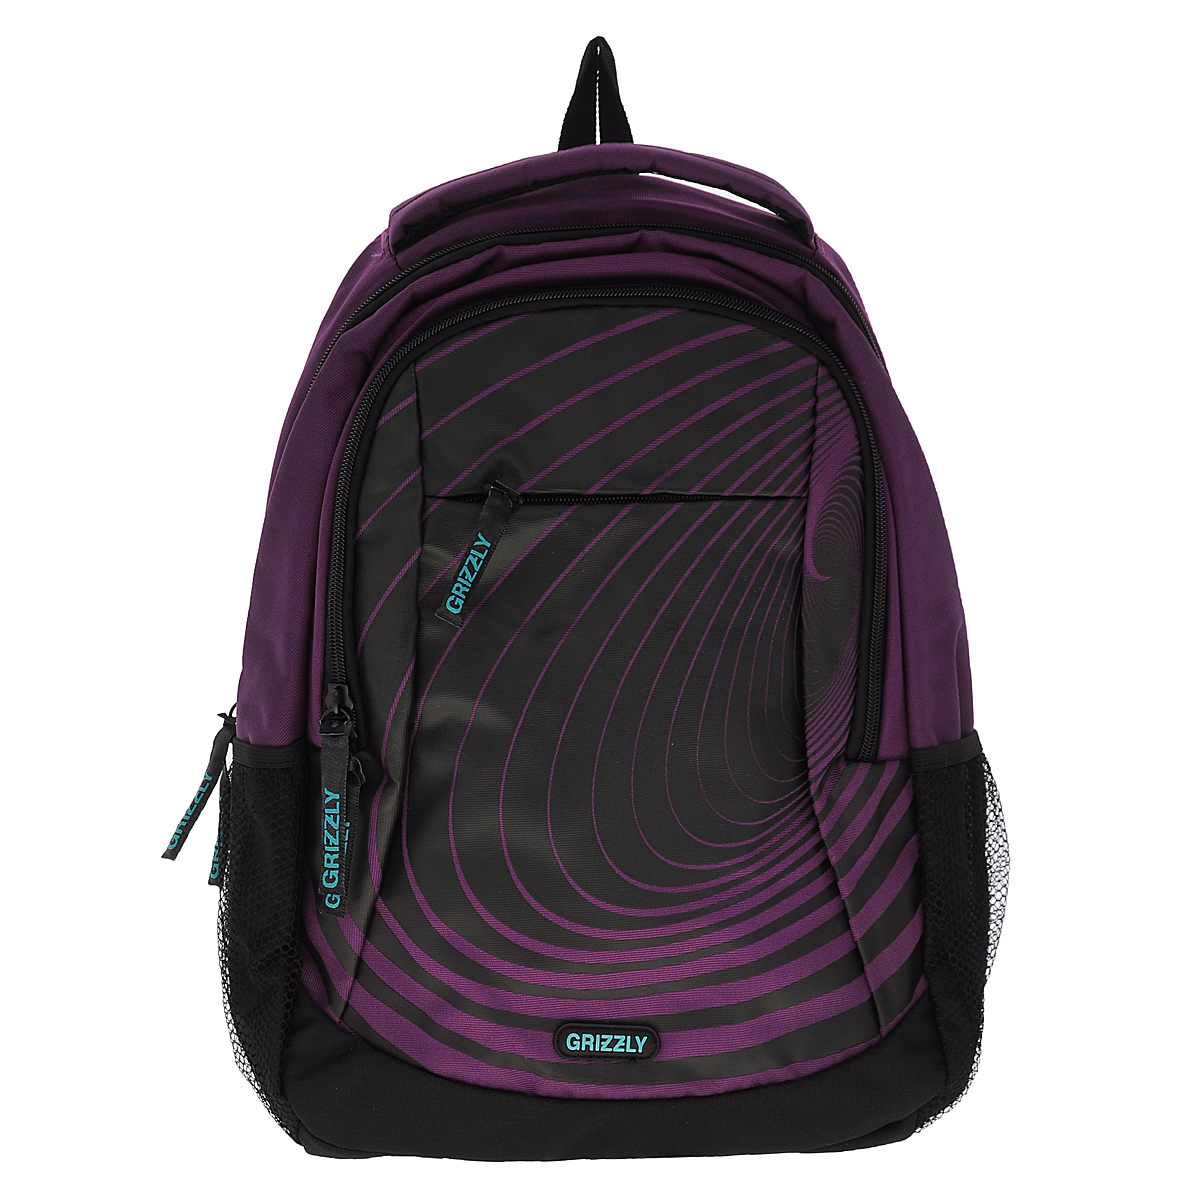 Рюкзак городской Grizzly, цвет: фиолетовый, черный, 24 л. RU-601-2/9